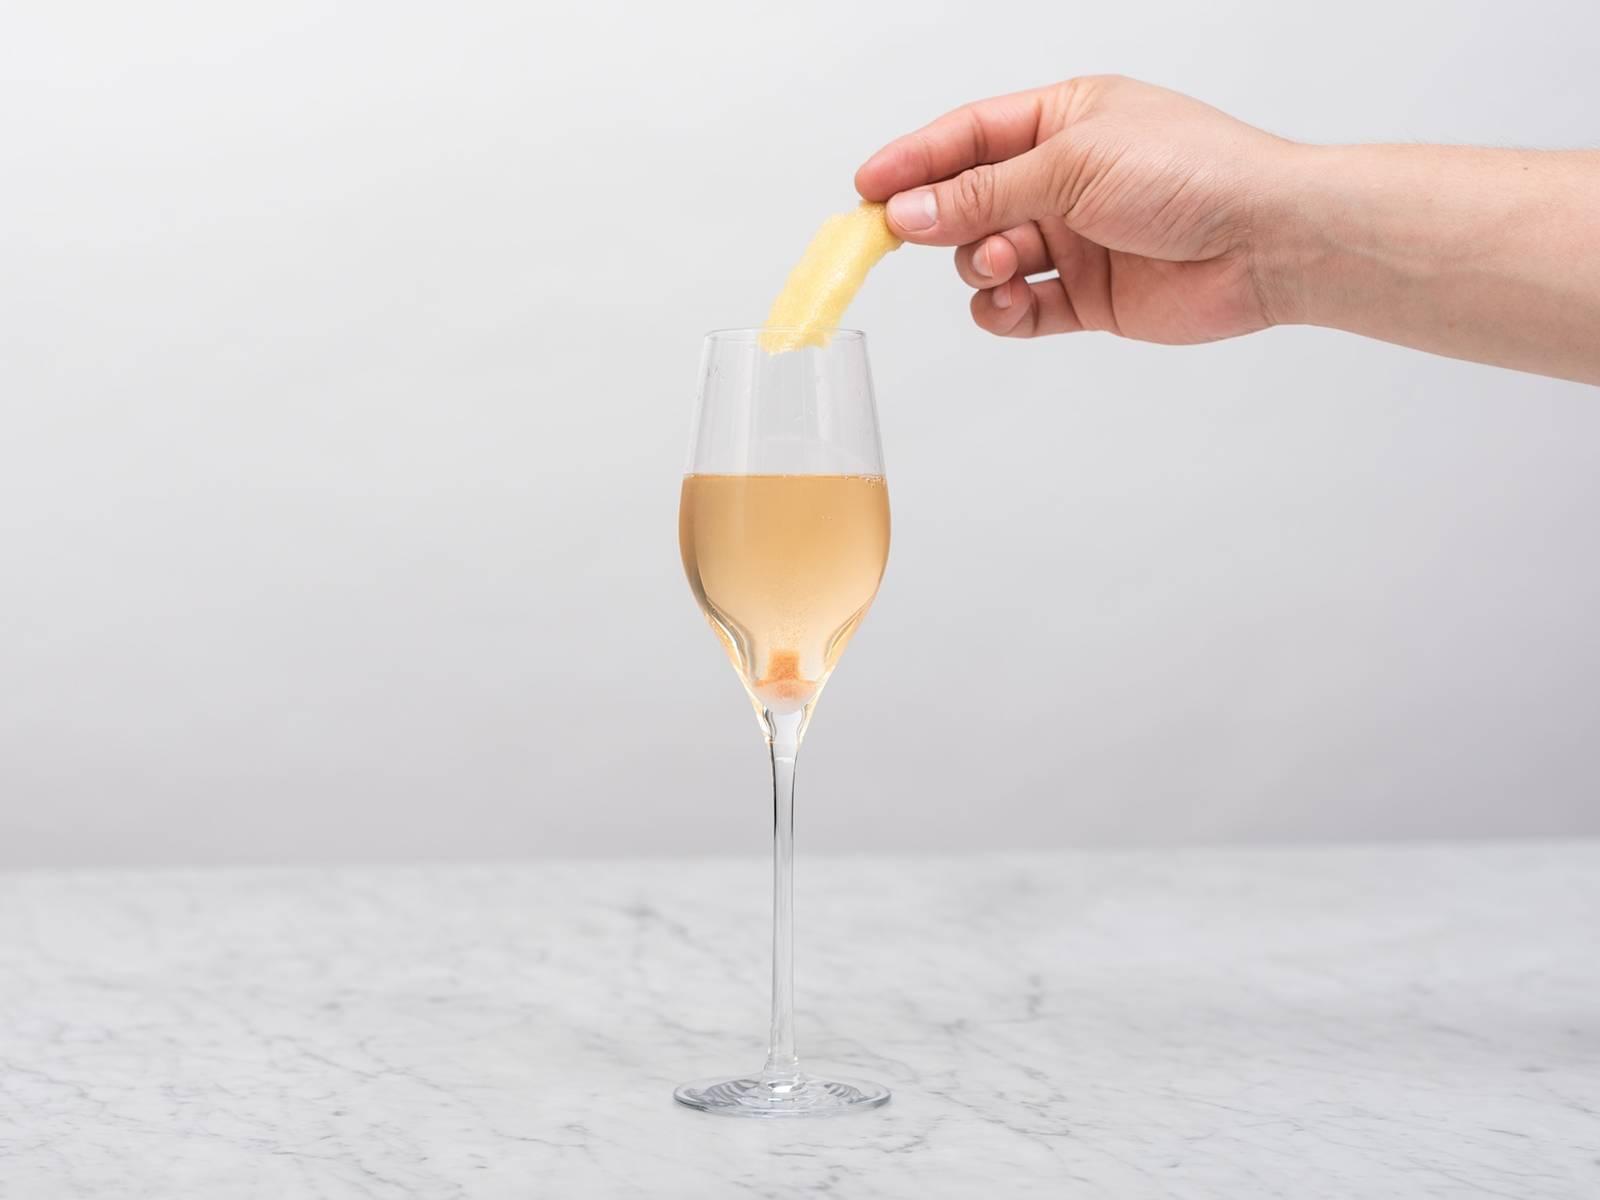 在杯子上方挤压柠檬皮,以压出油分,将皮放入杯中,即可享用。